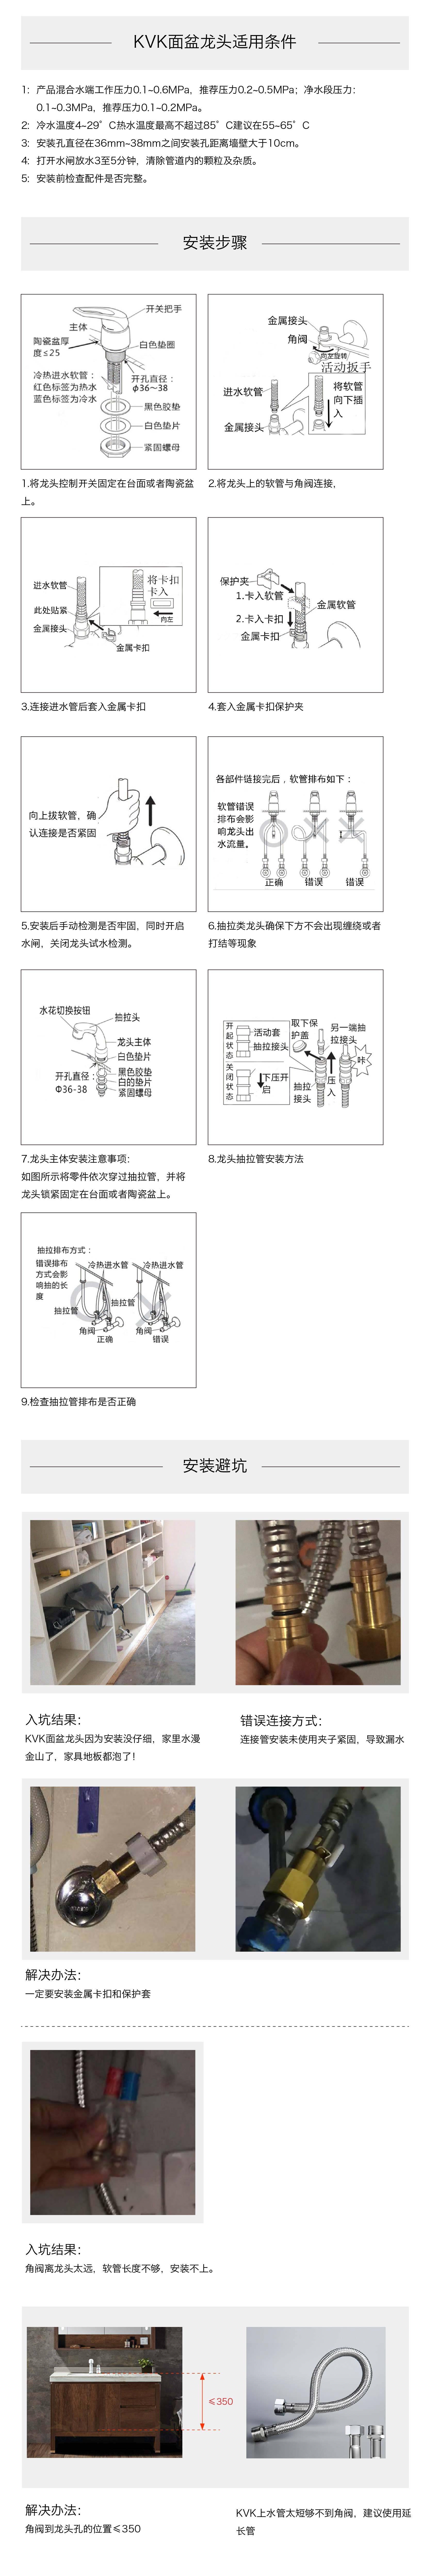 水鹿卫浴-洗面-面盆龙头-日本KVK原装进口KM5071双孔冷热化妆柜专用洗发龙头 可抽拉可升高